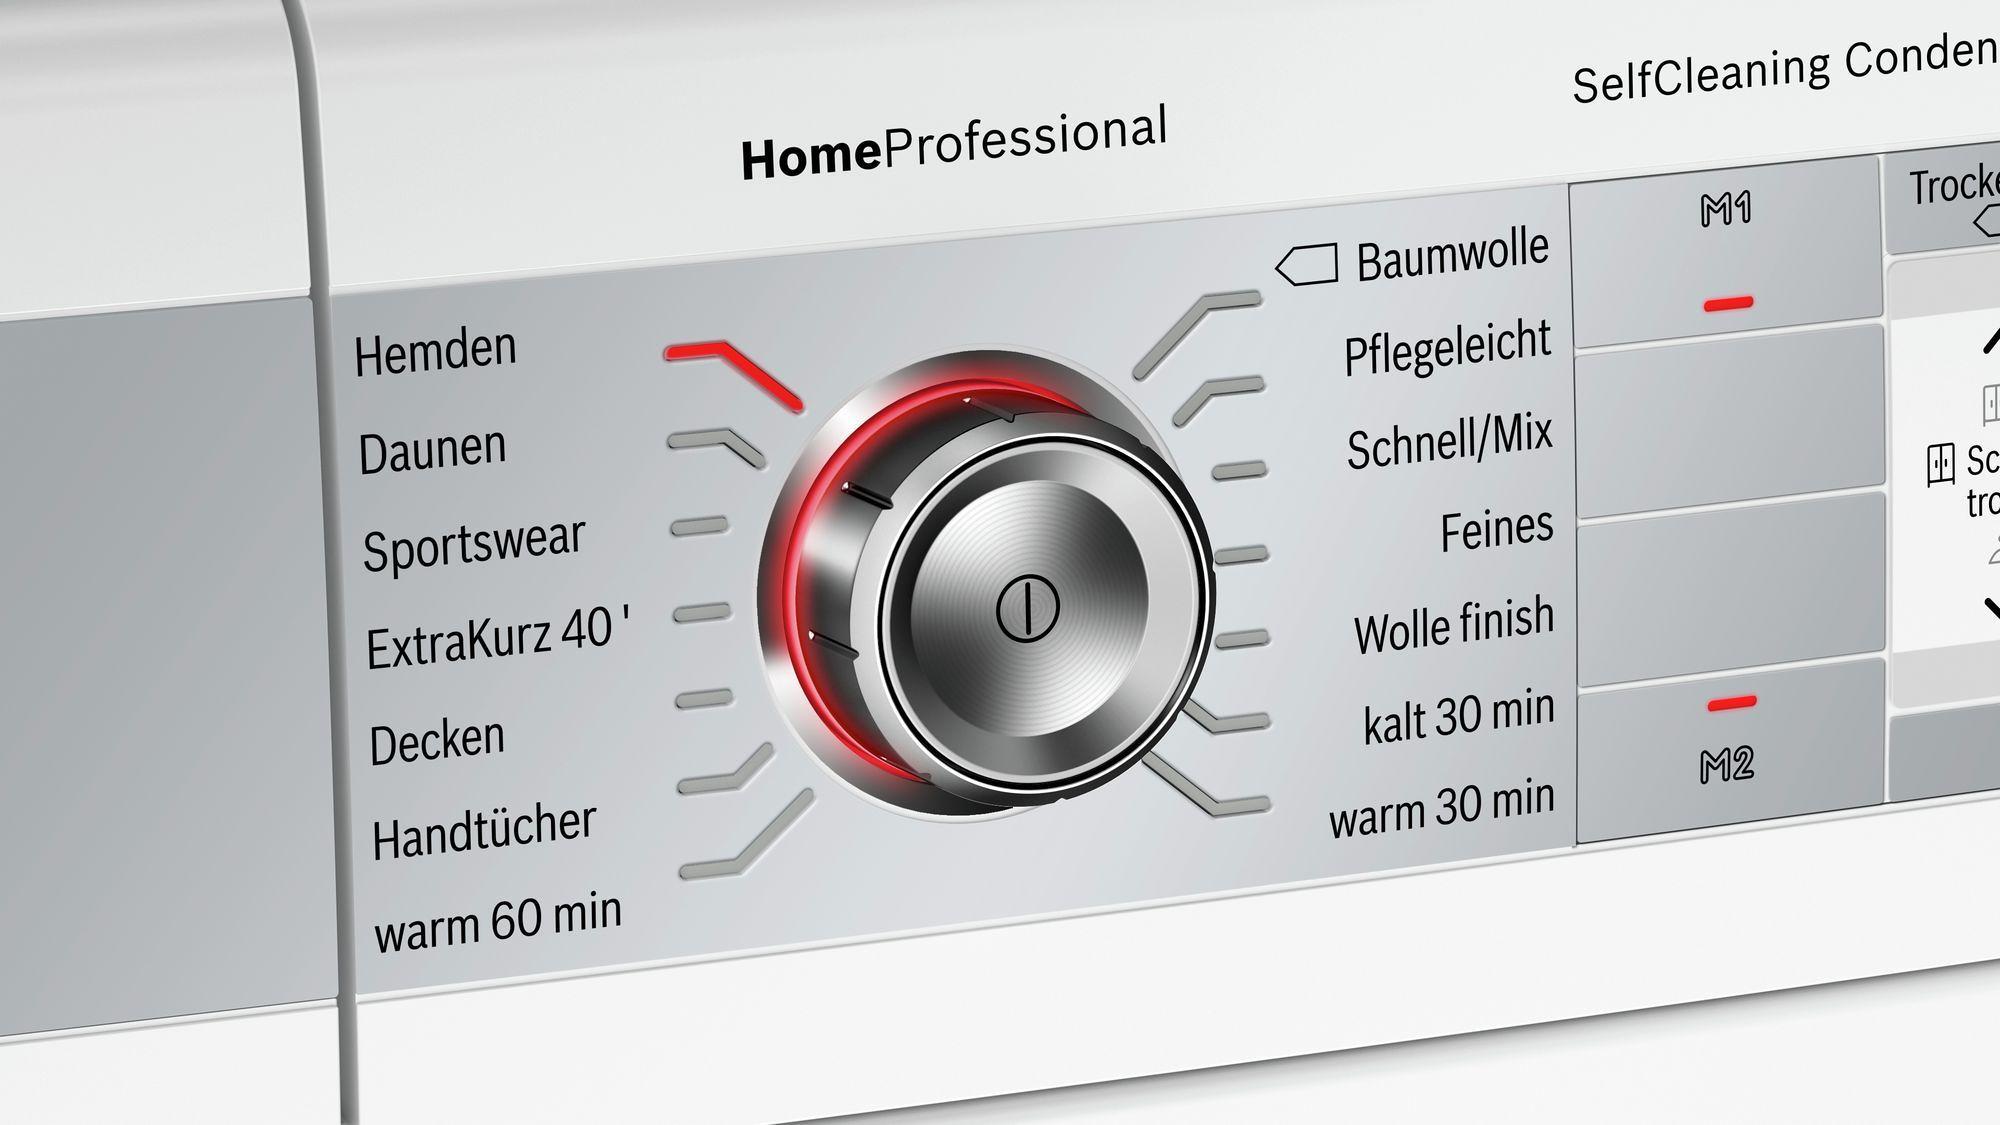 Bosch Kühlschrank Zu Kalt : Bosch kühlschrank zu kalt: bosch kühlschrank sehr kalt